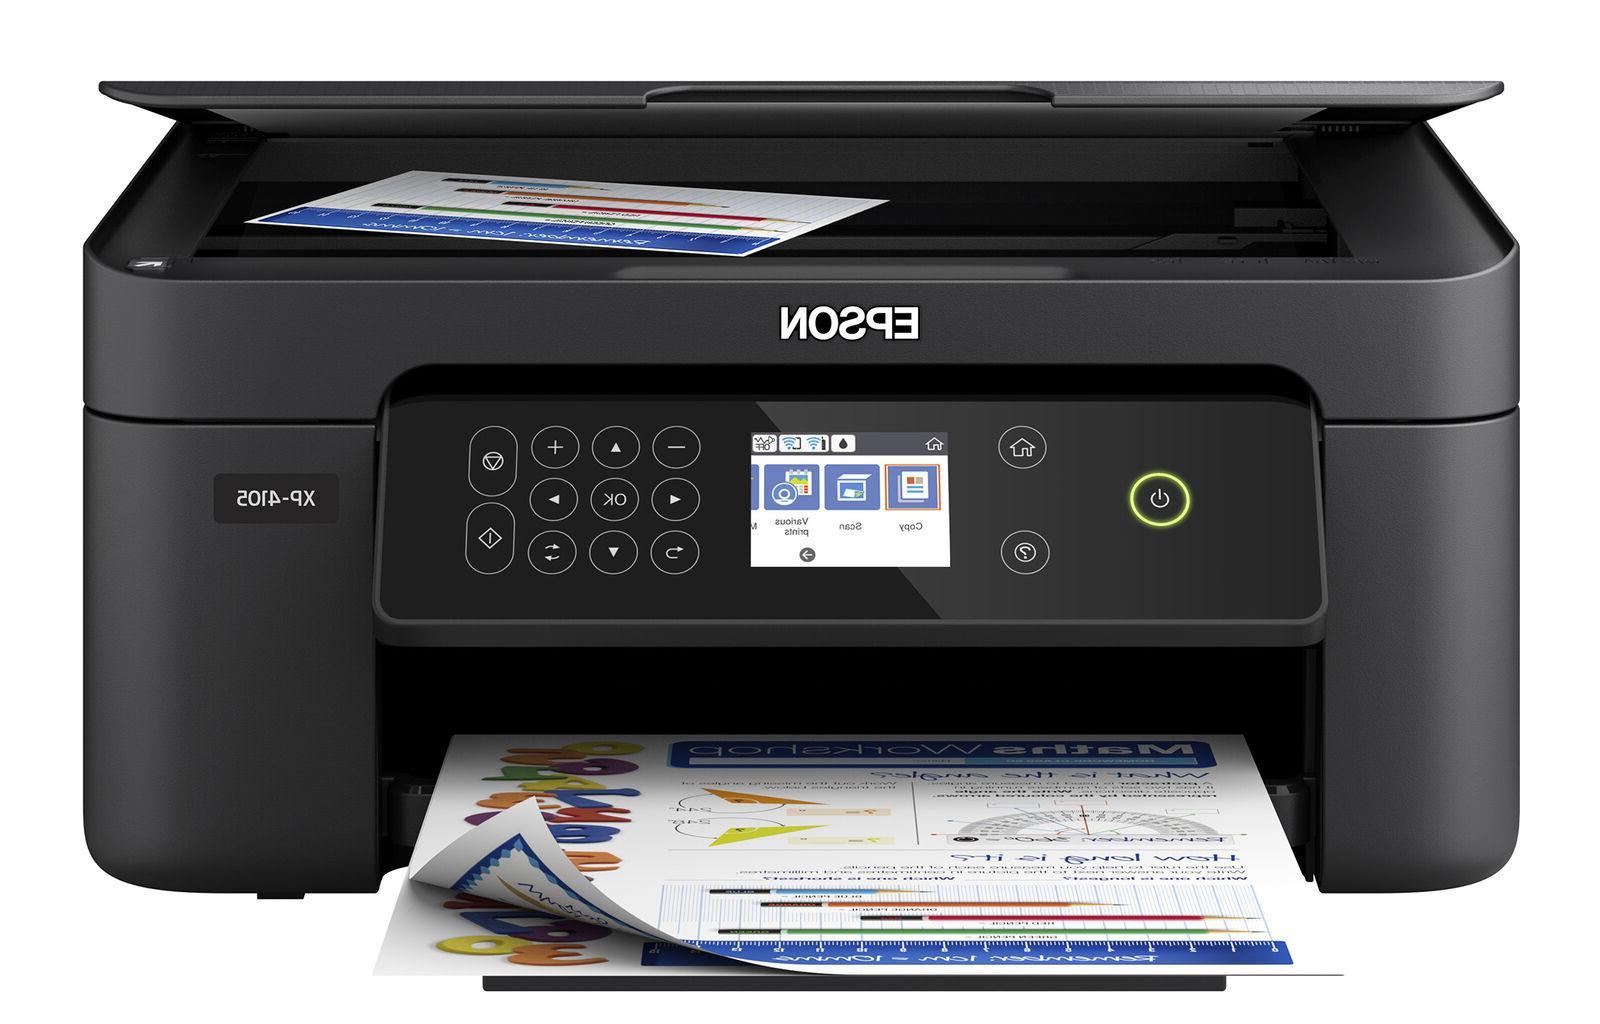 Epson Printer Machine Scanner Copier All-In-One Wireless Off